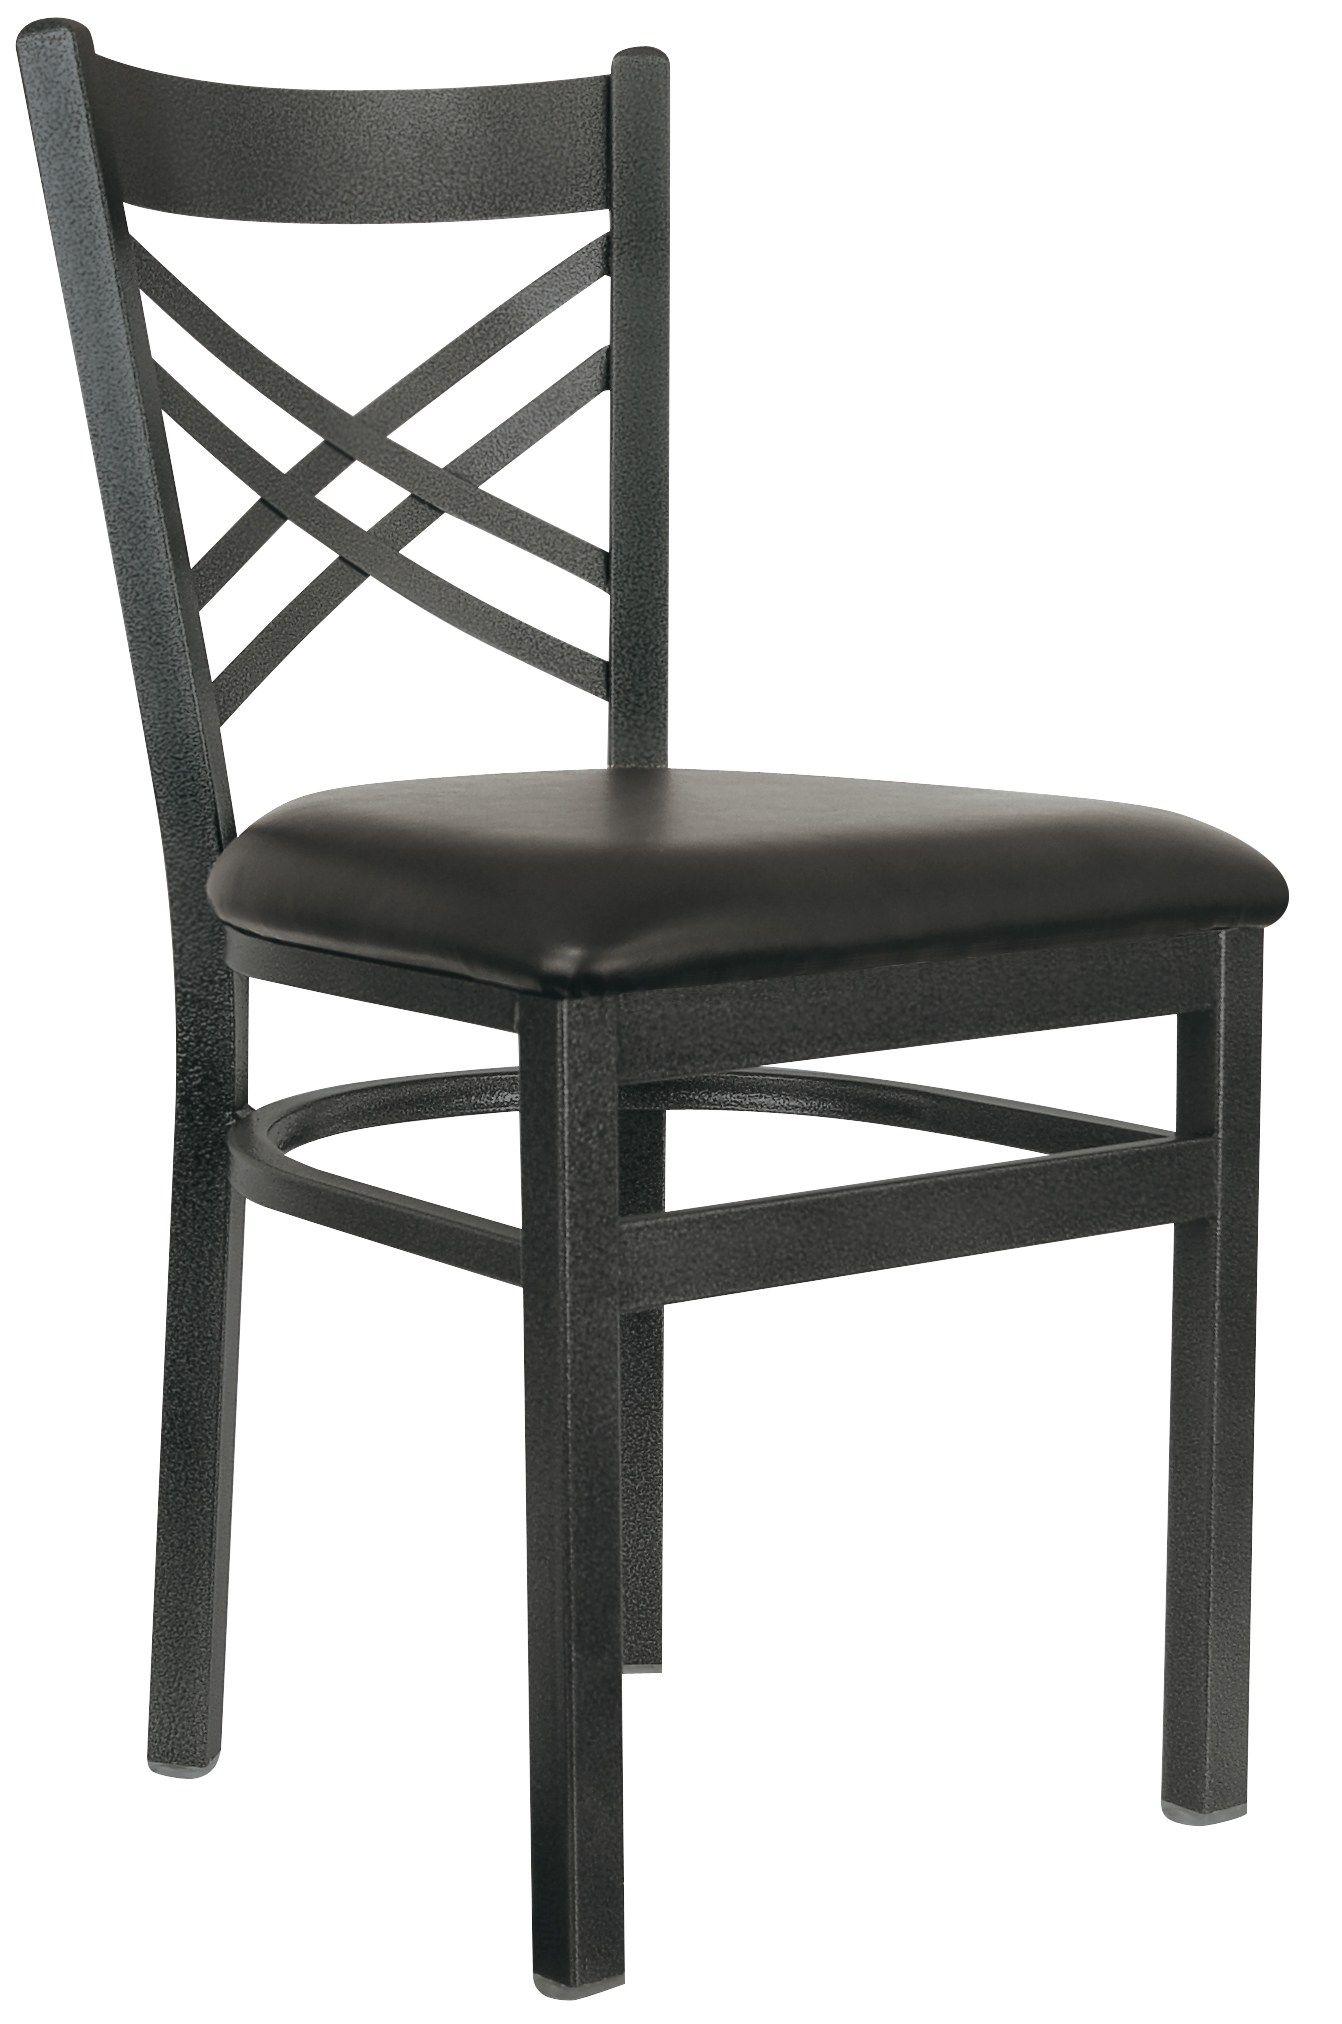 40 Schöne Restposten Barhocker Bild Konzept Stühle